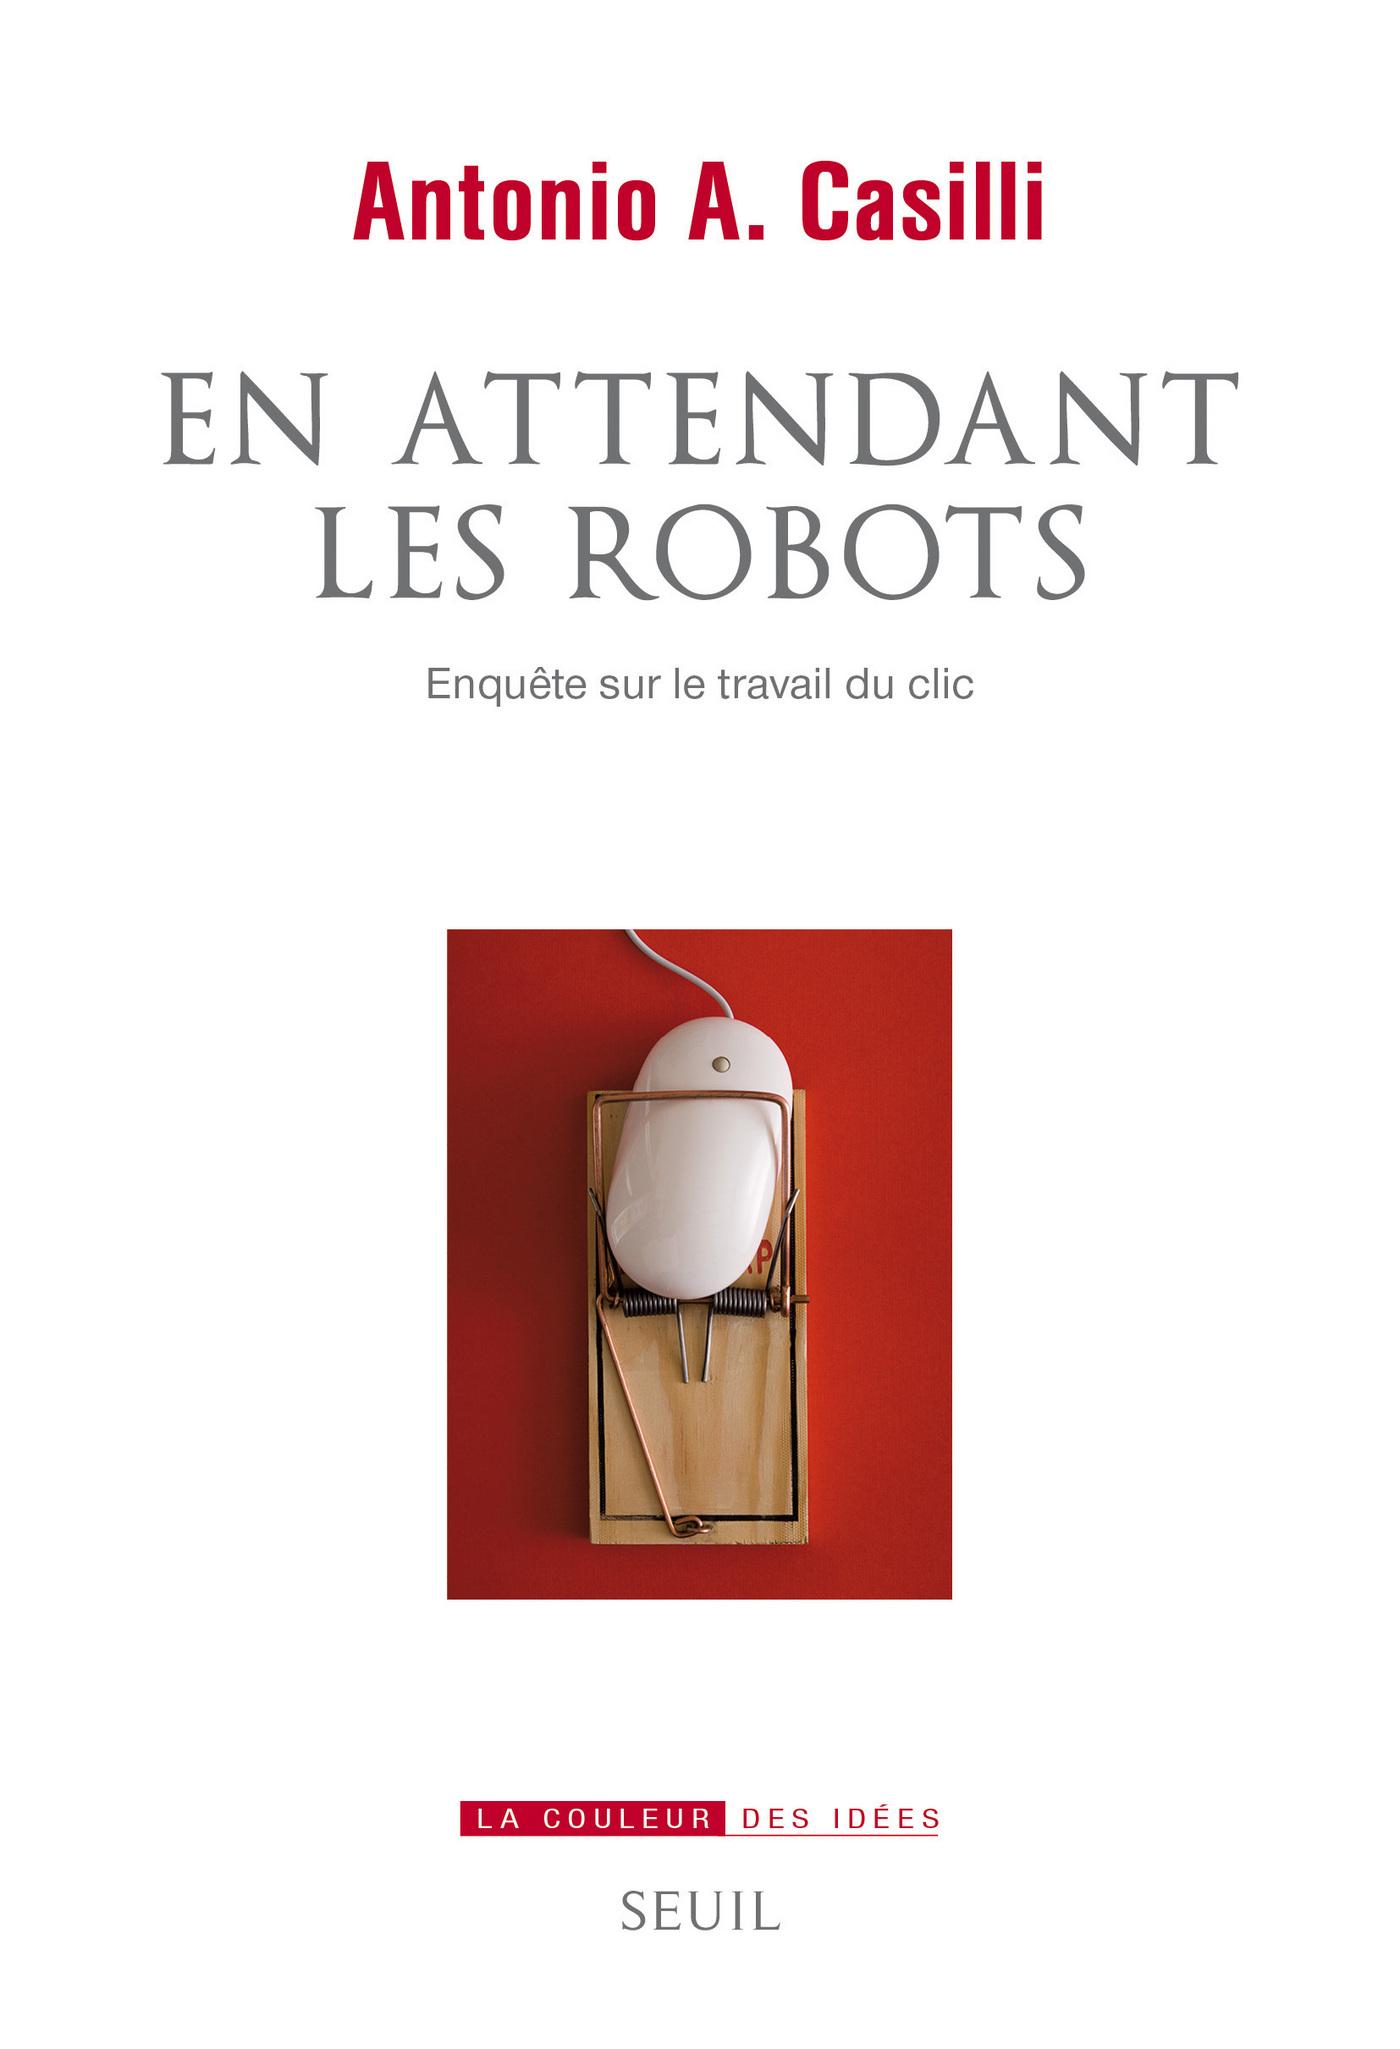 En attendant les robots - Enquête sur le travail du clic | Casilli, Antonio A.